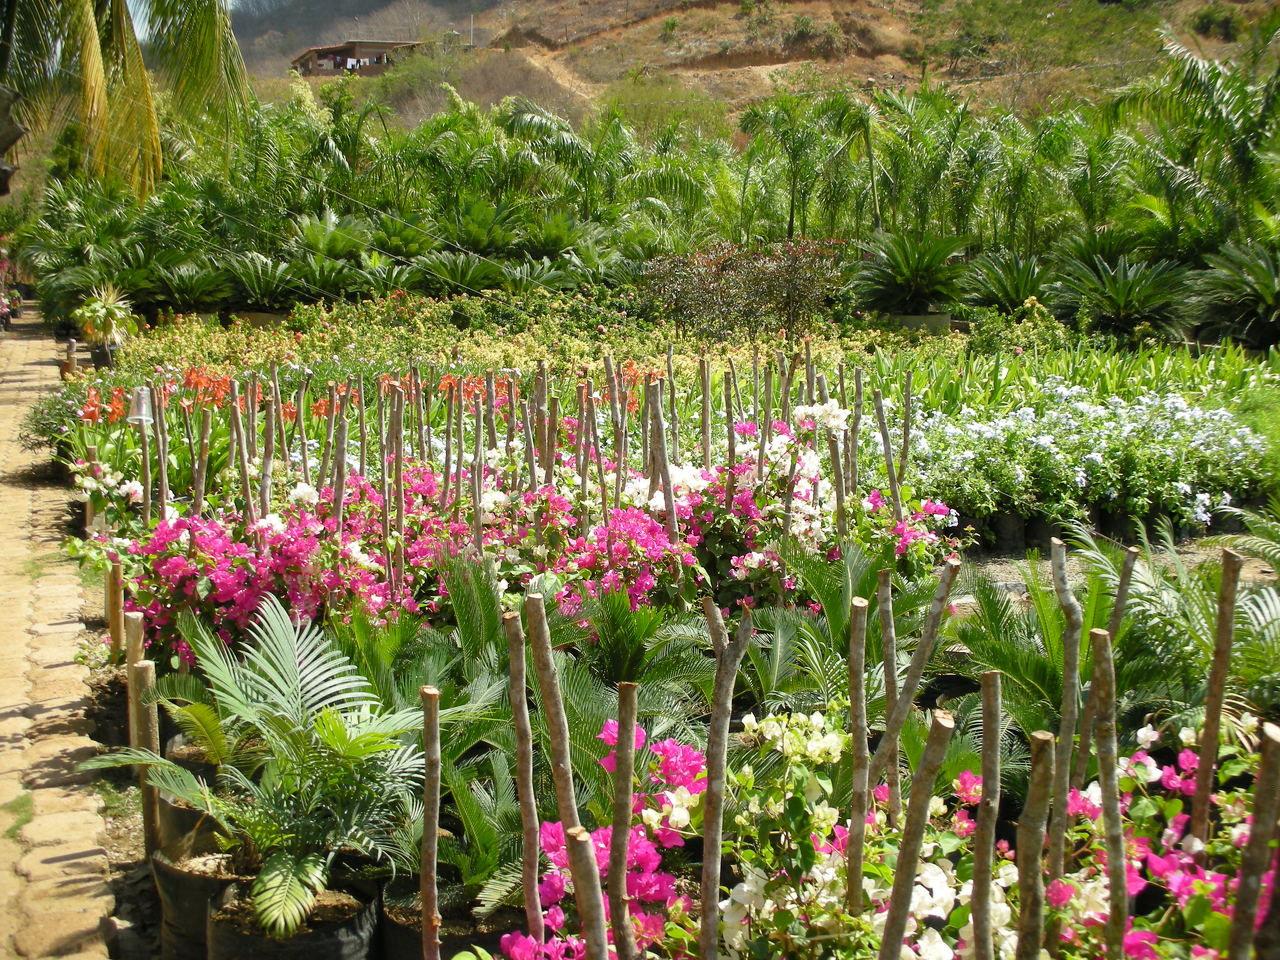 Viveroshuatulco created by viverocuevasanta based for Vivero plantas tropicales